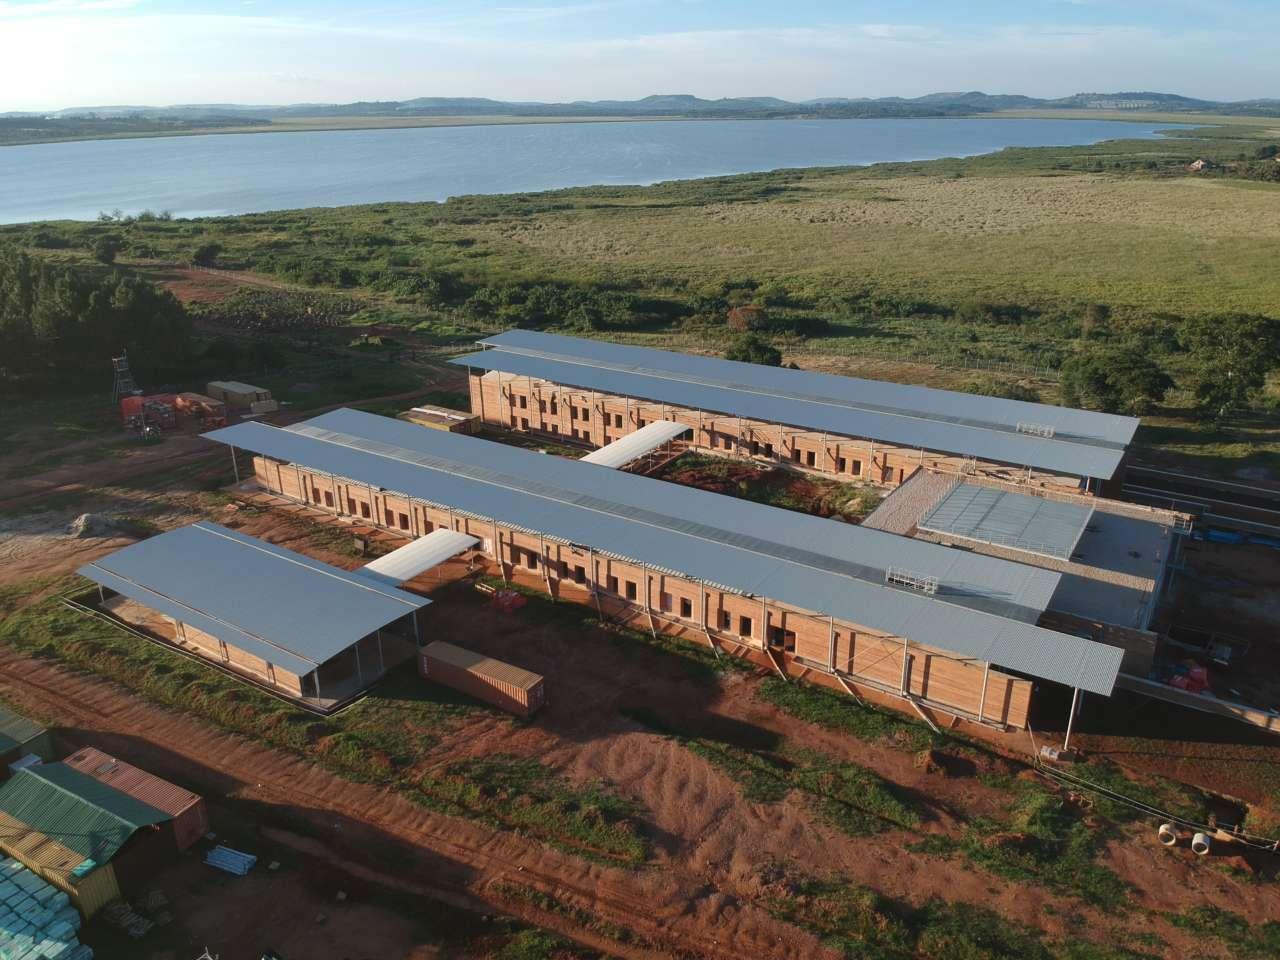 Uganda, Nasce Il Centro Di Chirurgia Pediatrica Di Emergency Disegnato Da Renzo Piano